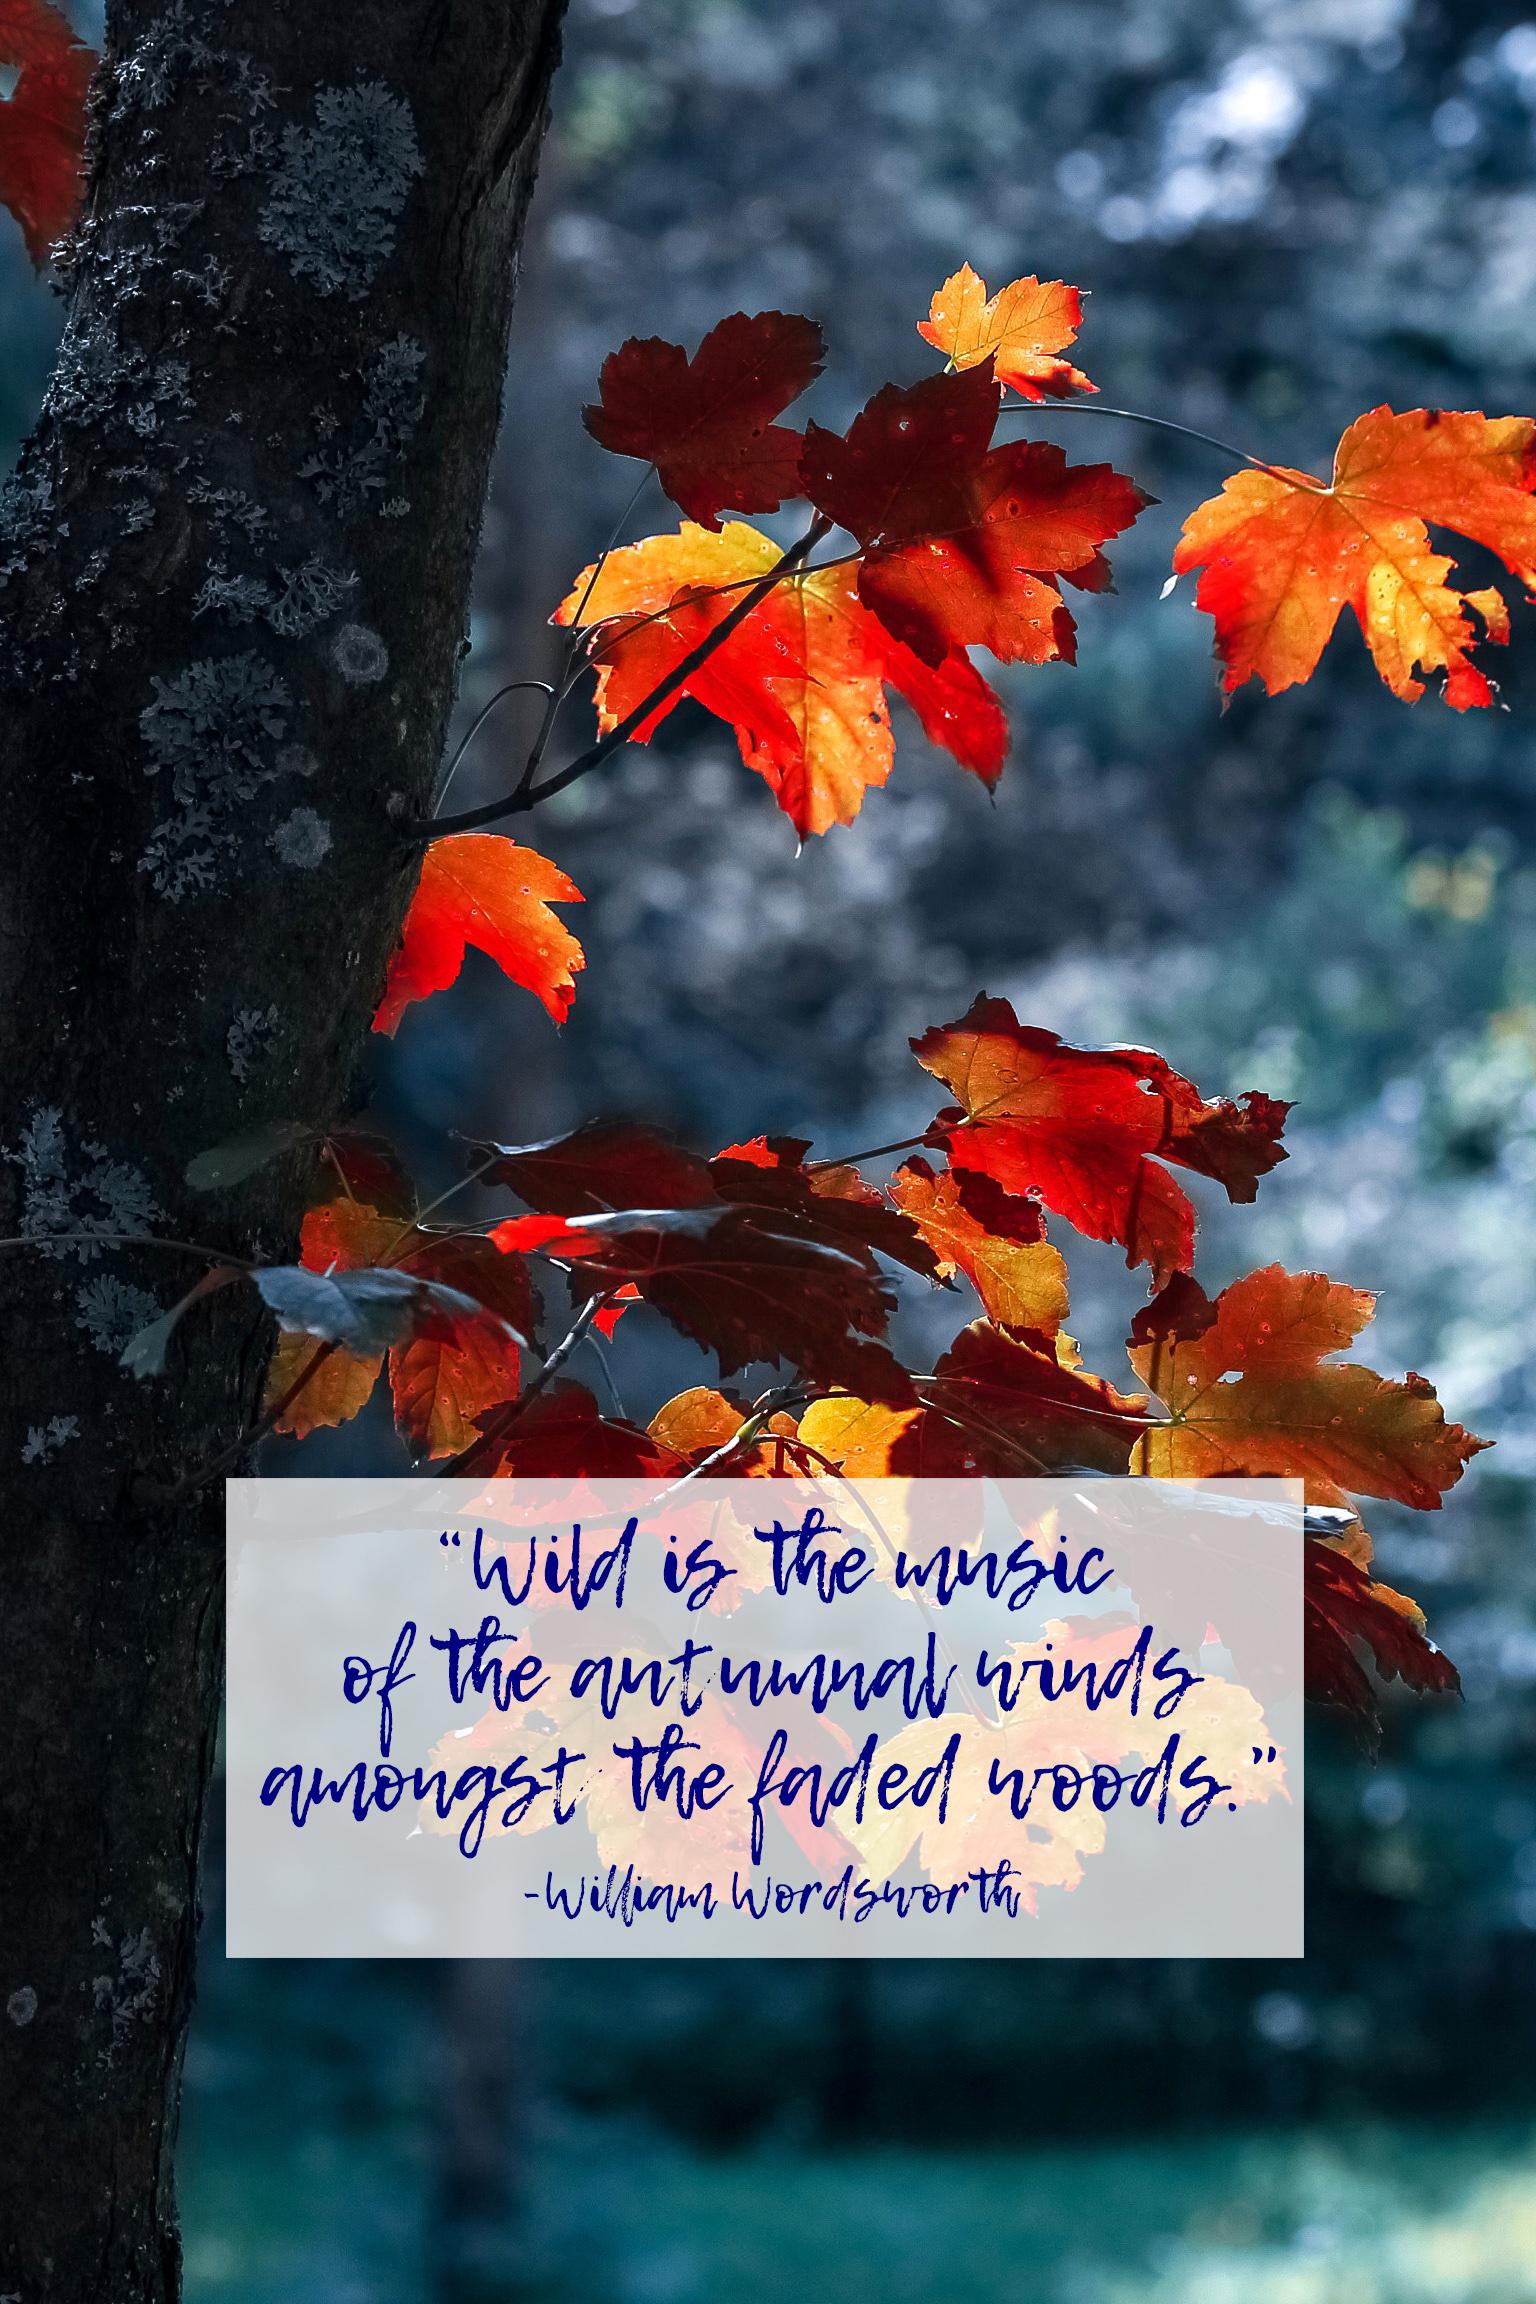 Autumnal Winds William Wordsworth Quote